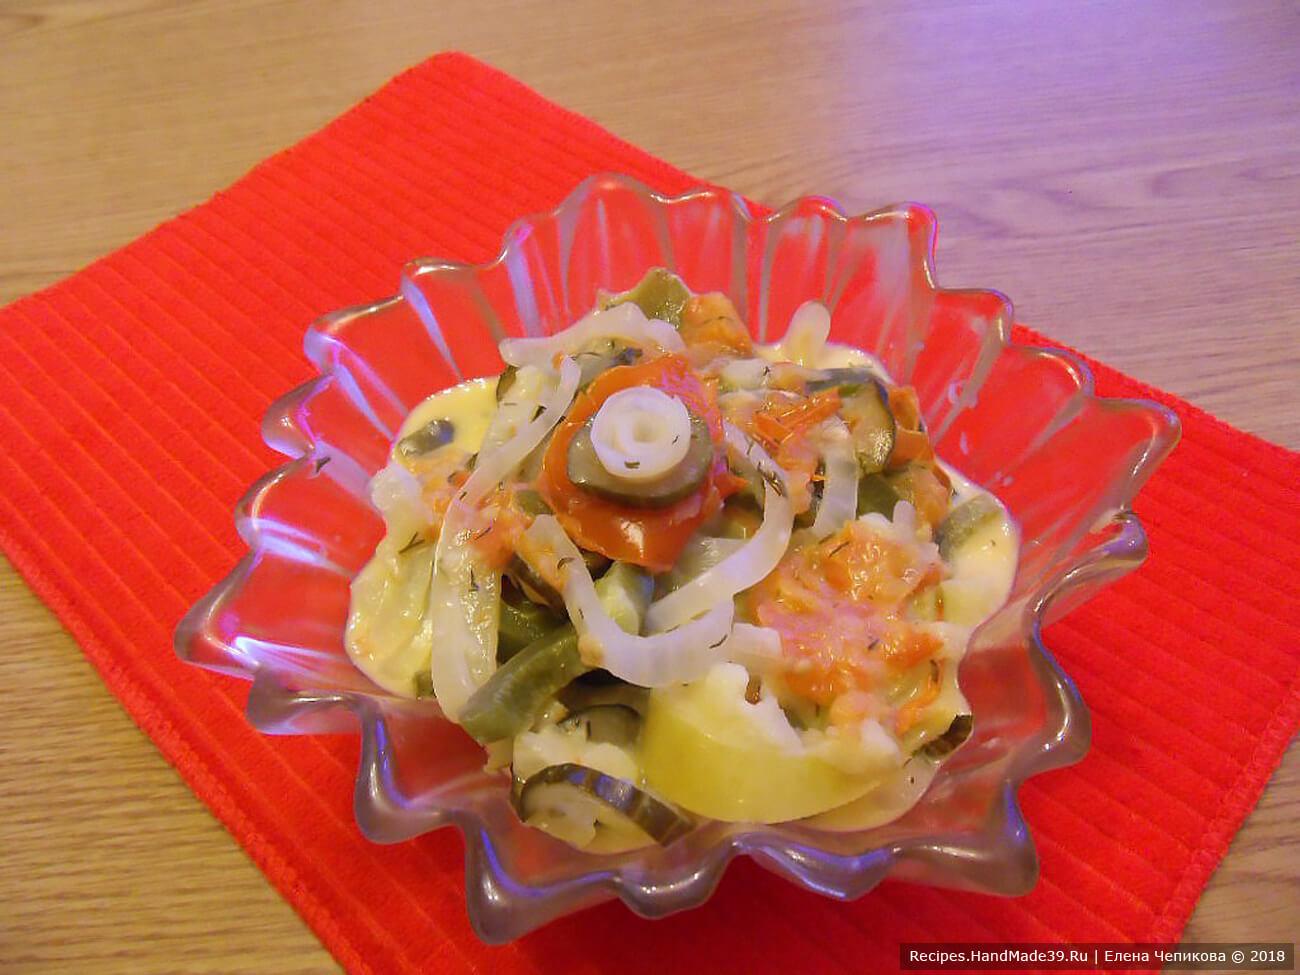 Салат выложить в салатник. Можно подавать и тёплым, и холодным. Приятного аппетита!